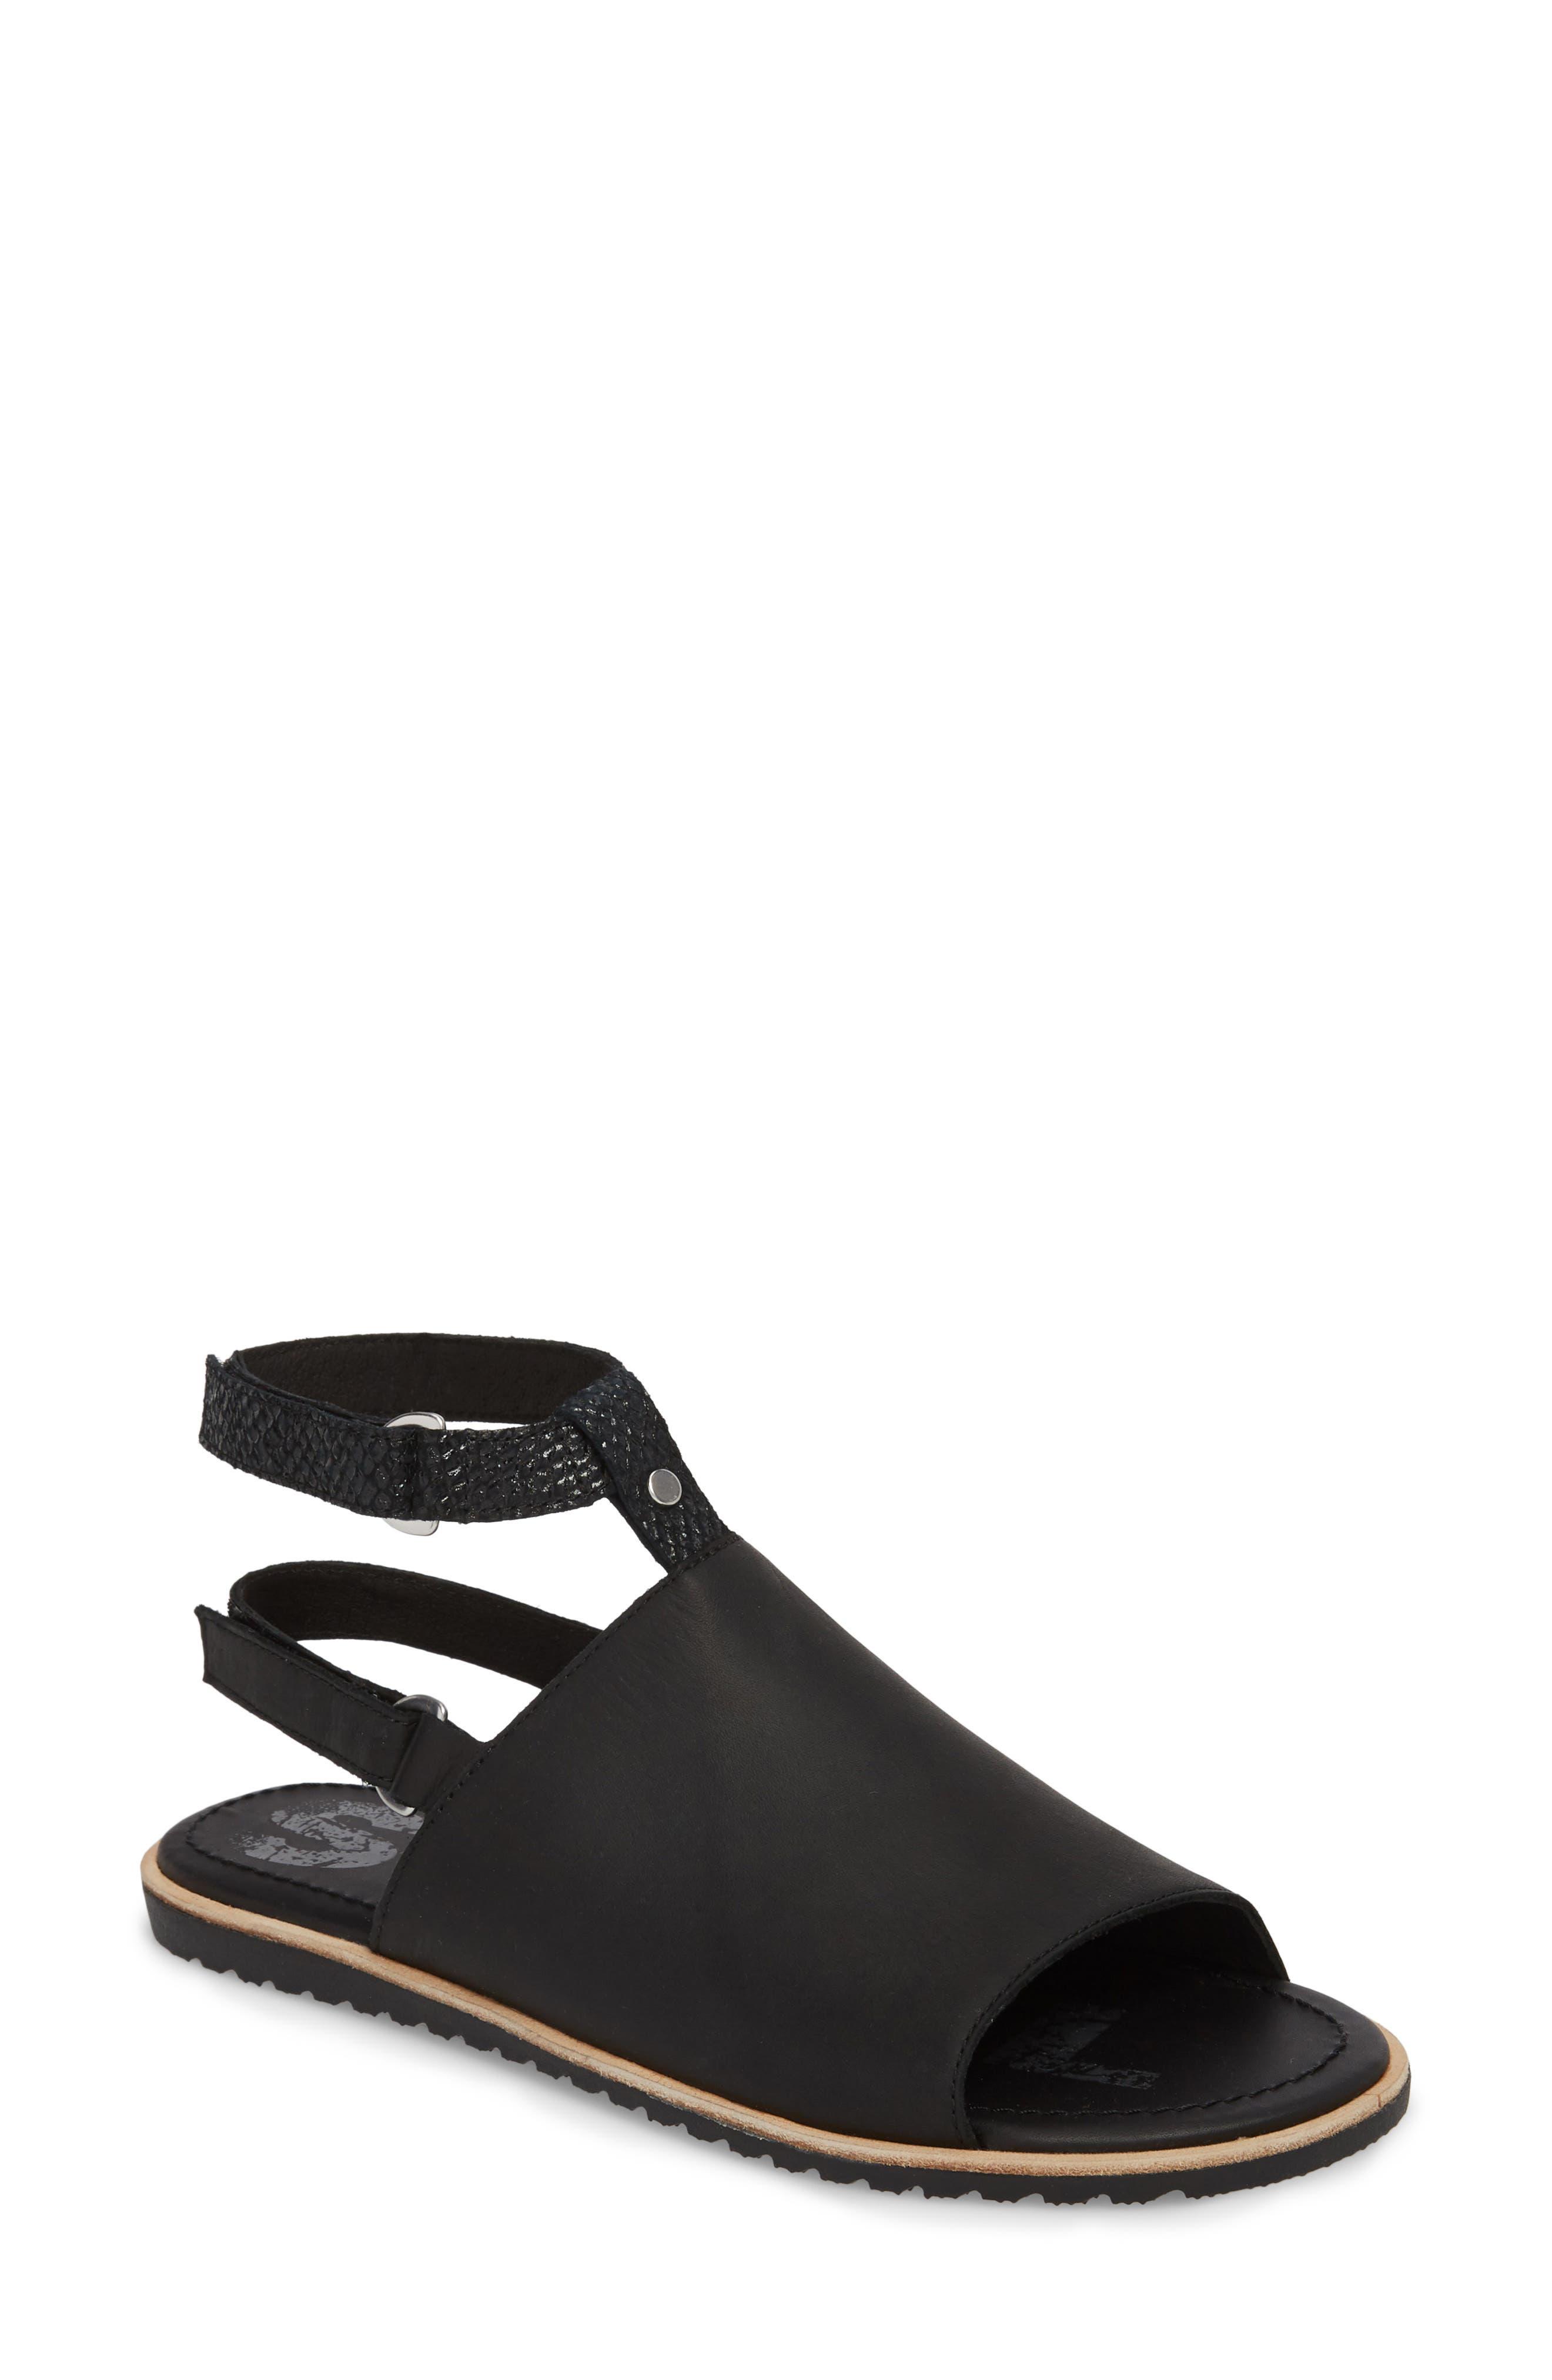 Ella Strappy Sandal,                         Main,                         color, 010